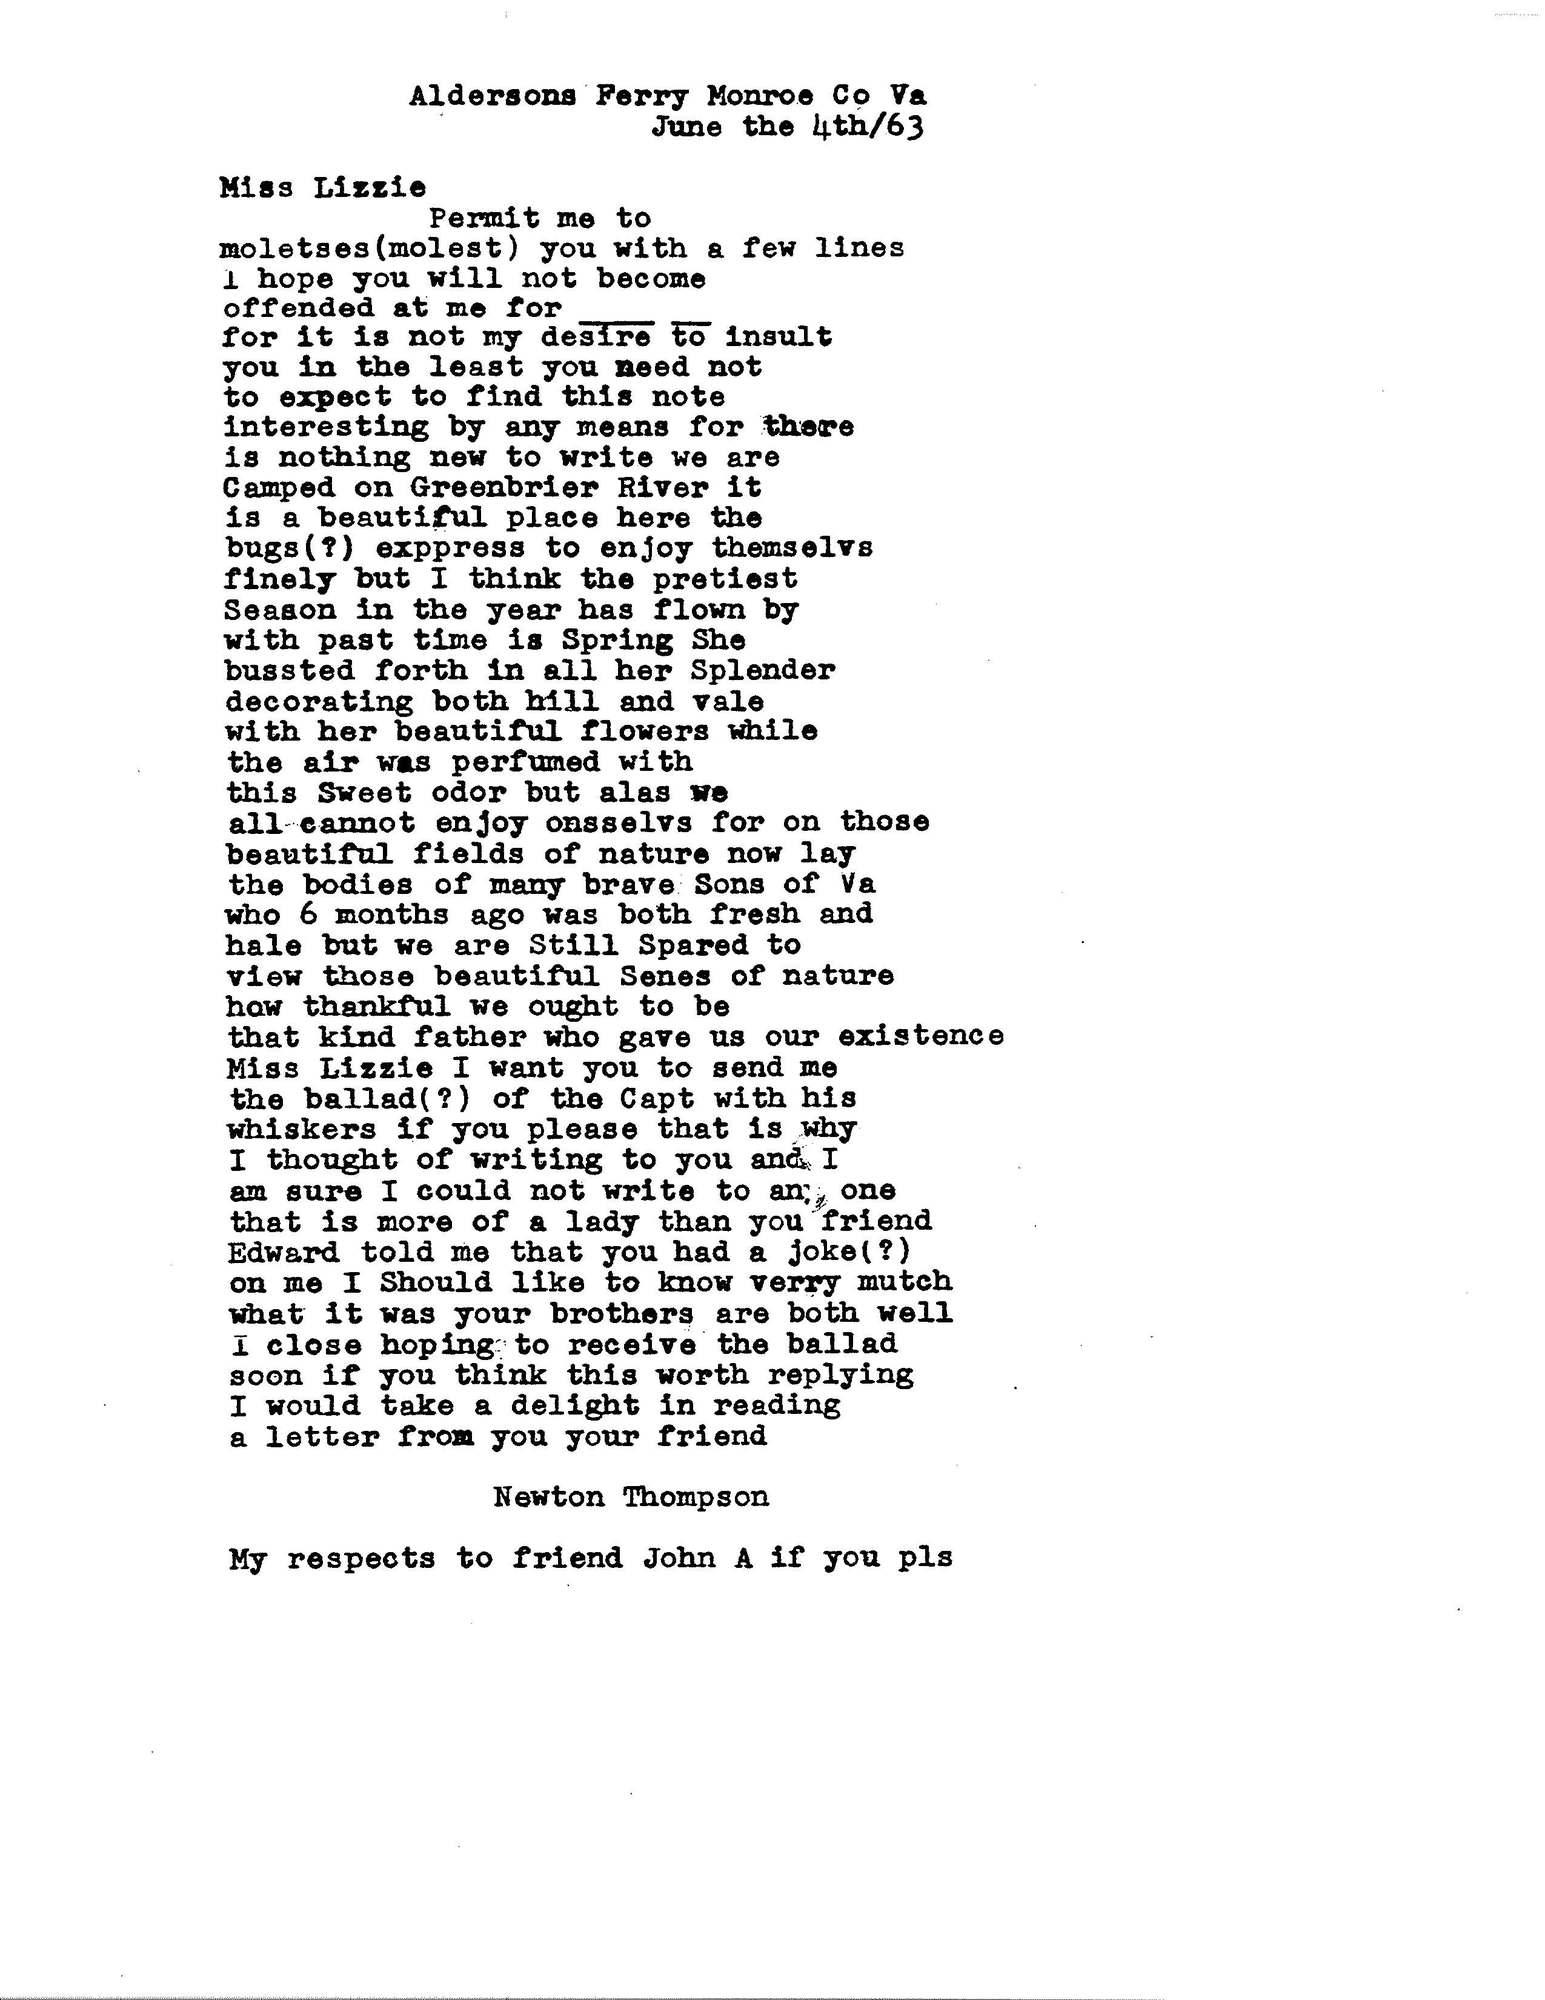 Ms1996_008_CarpenterHenry_LetterFromNewtonThompson_1864_0604_transcript.jpg